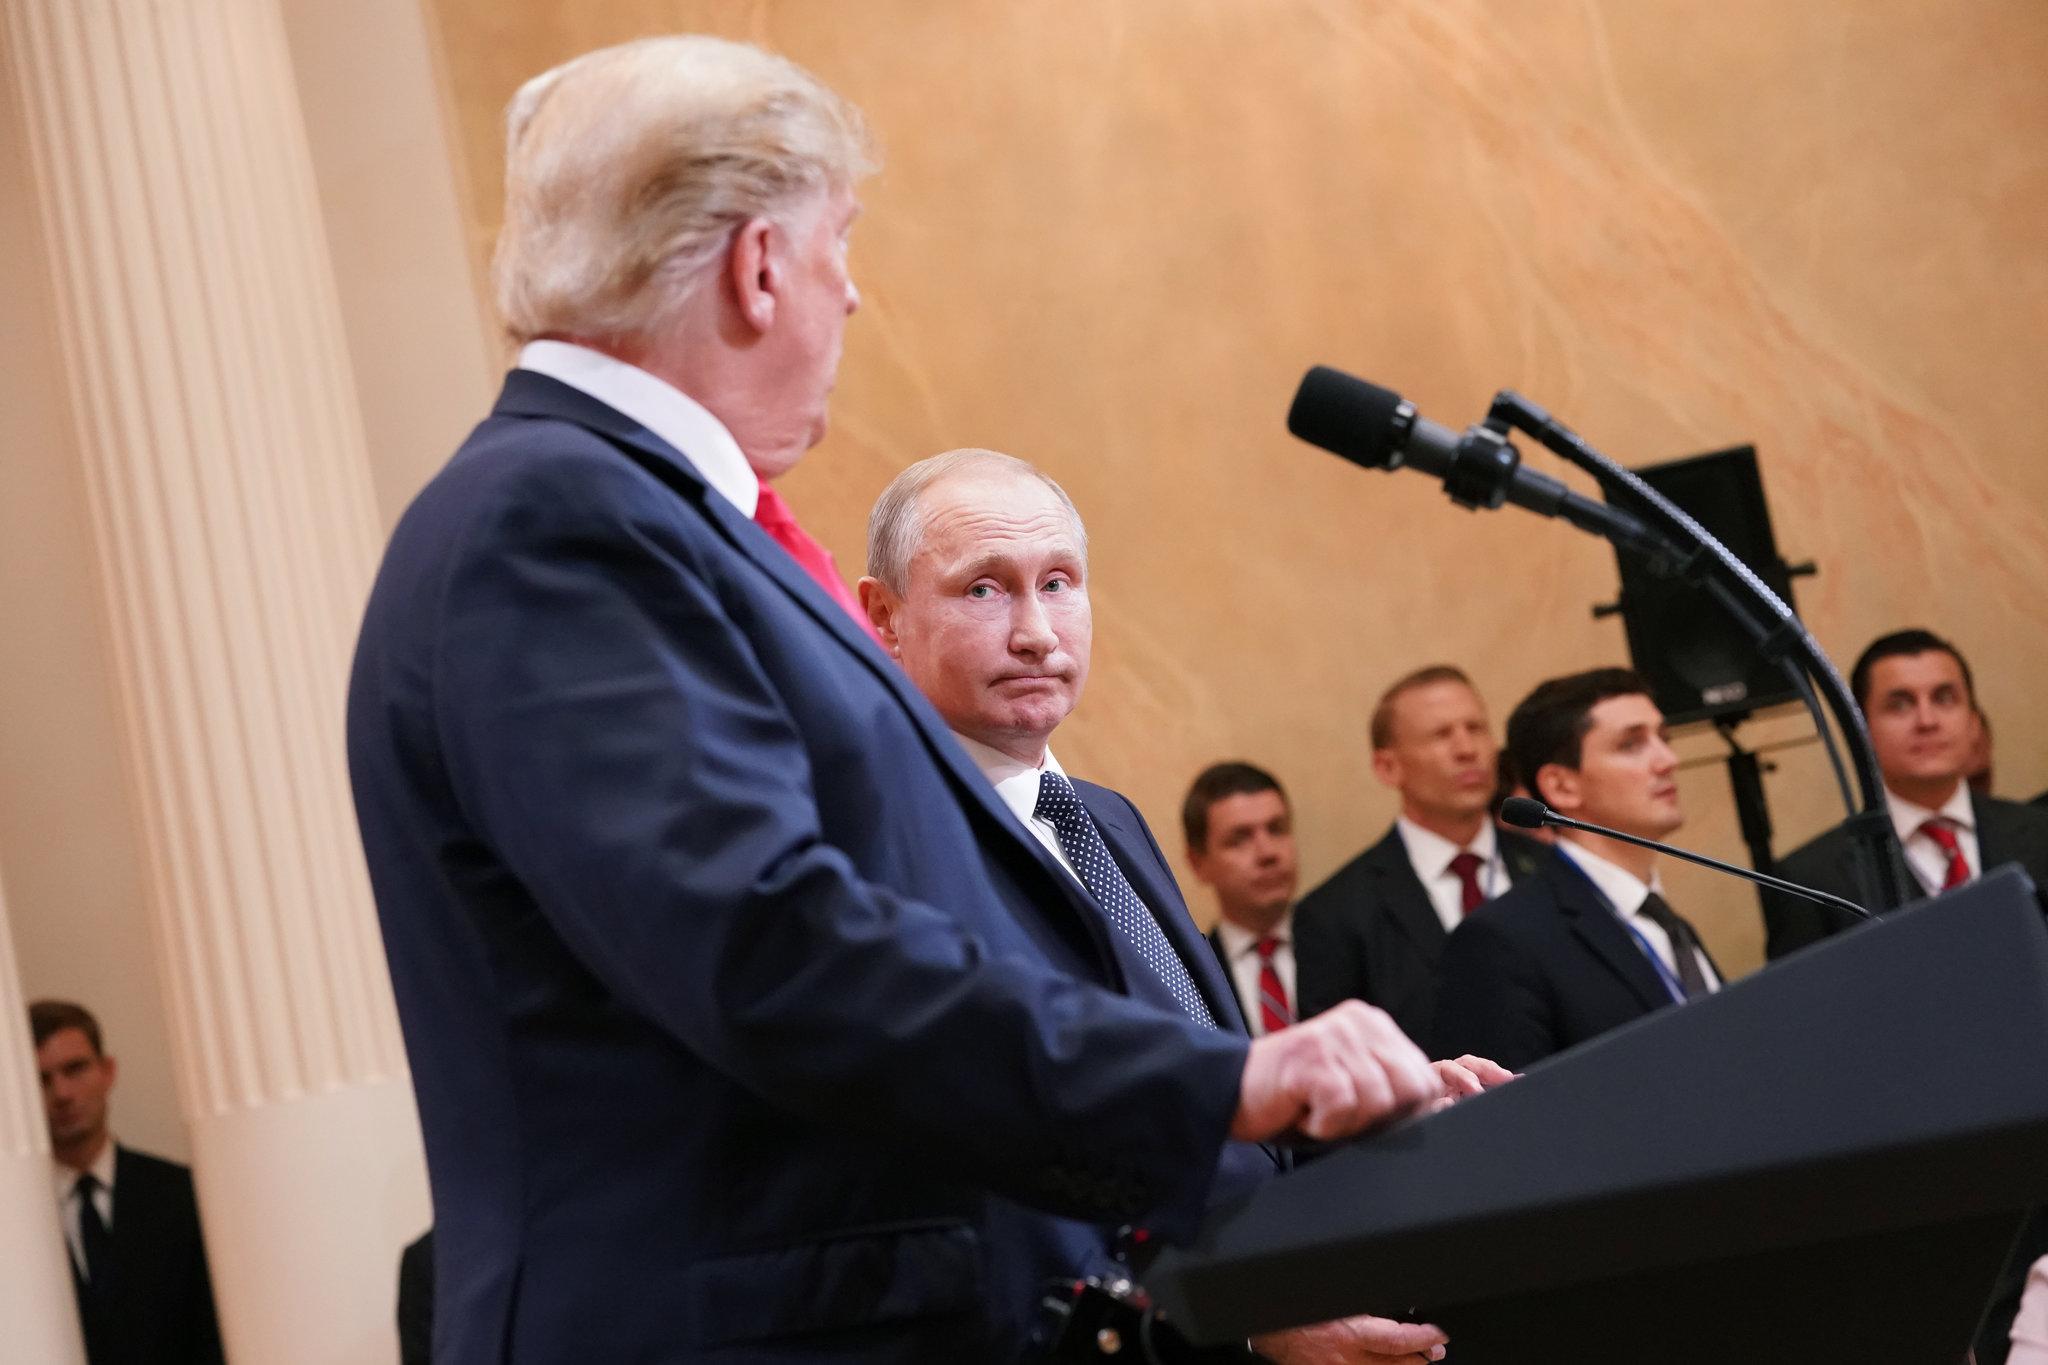 ترامپ و پوتین در نشست خبری در هلسینکی/ ترامپ: با پوتین درباره افزایش فشار به ایران صحبت کردم / پوتین: به ترامپ گفتم که با خروج او از برجام مخالفیم